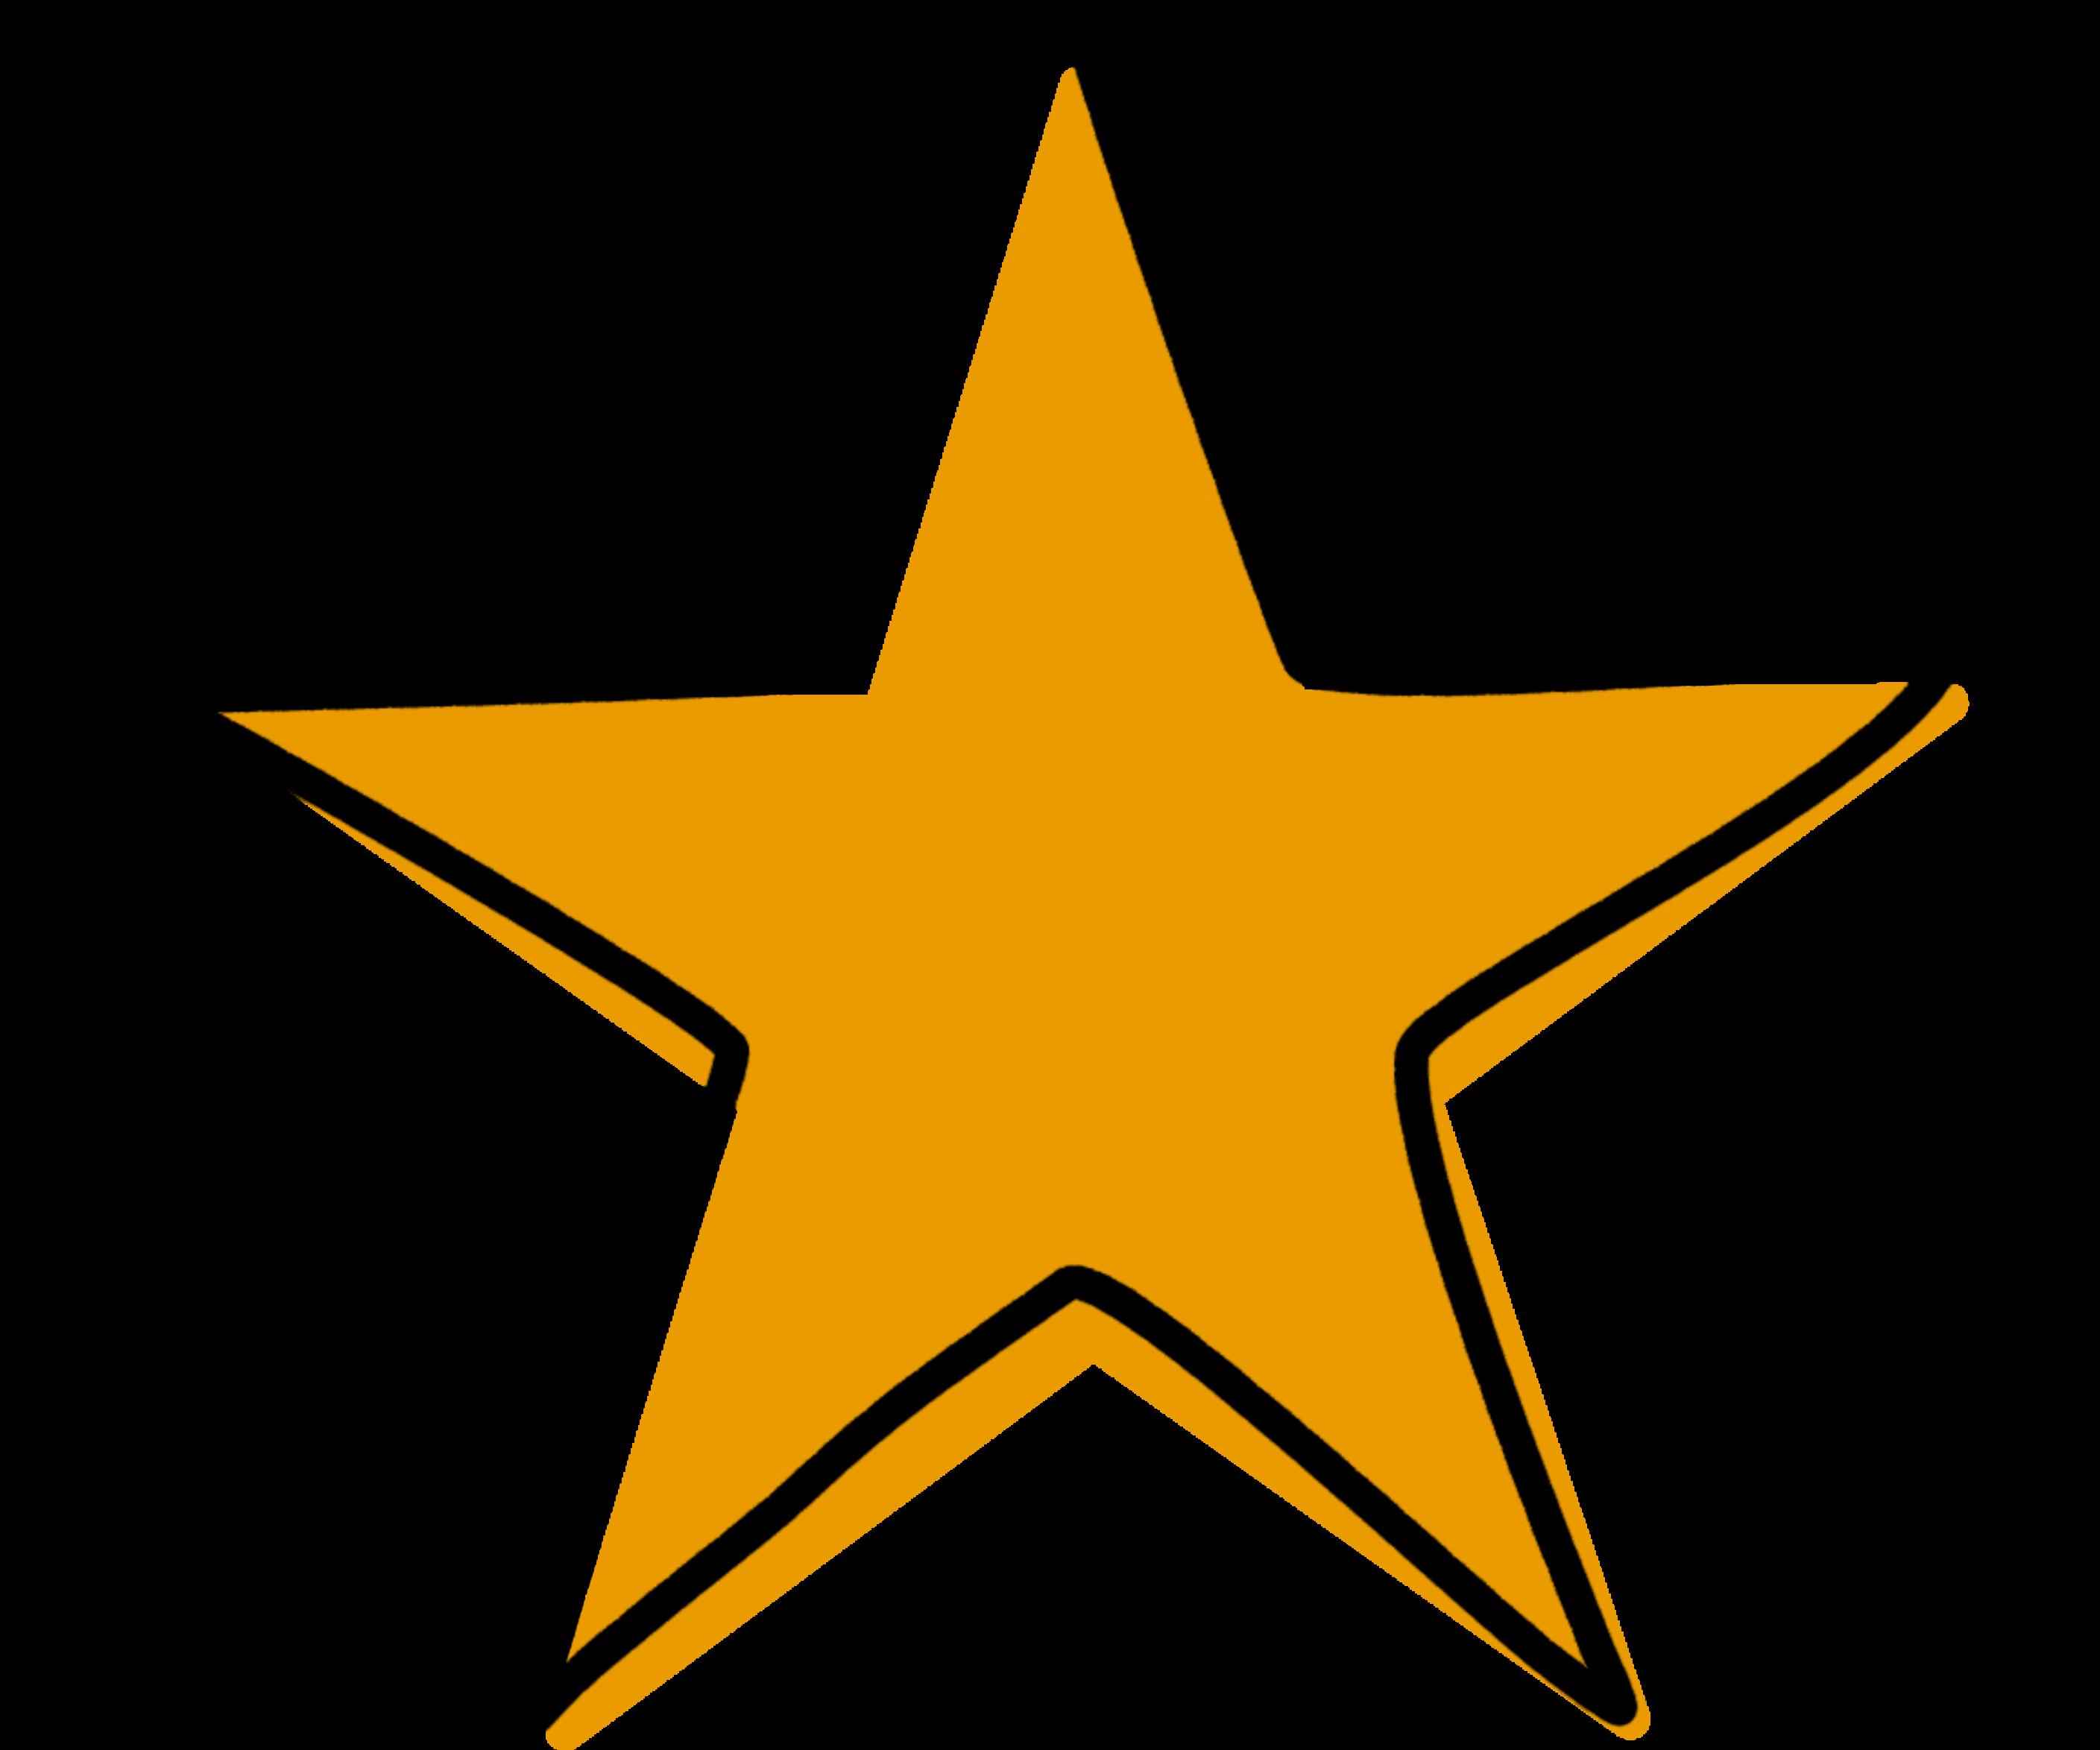 """Tekening van een ster als symbool voor """"talenten in kaart brengen"""""""